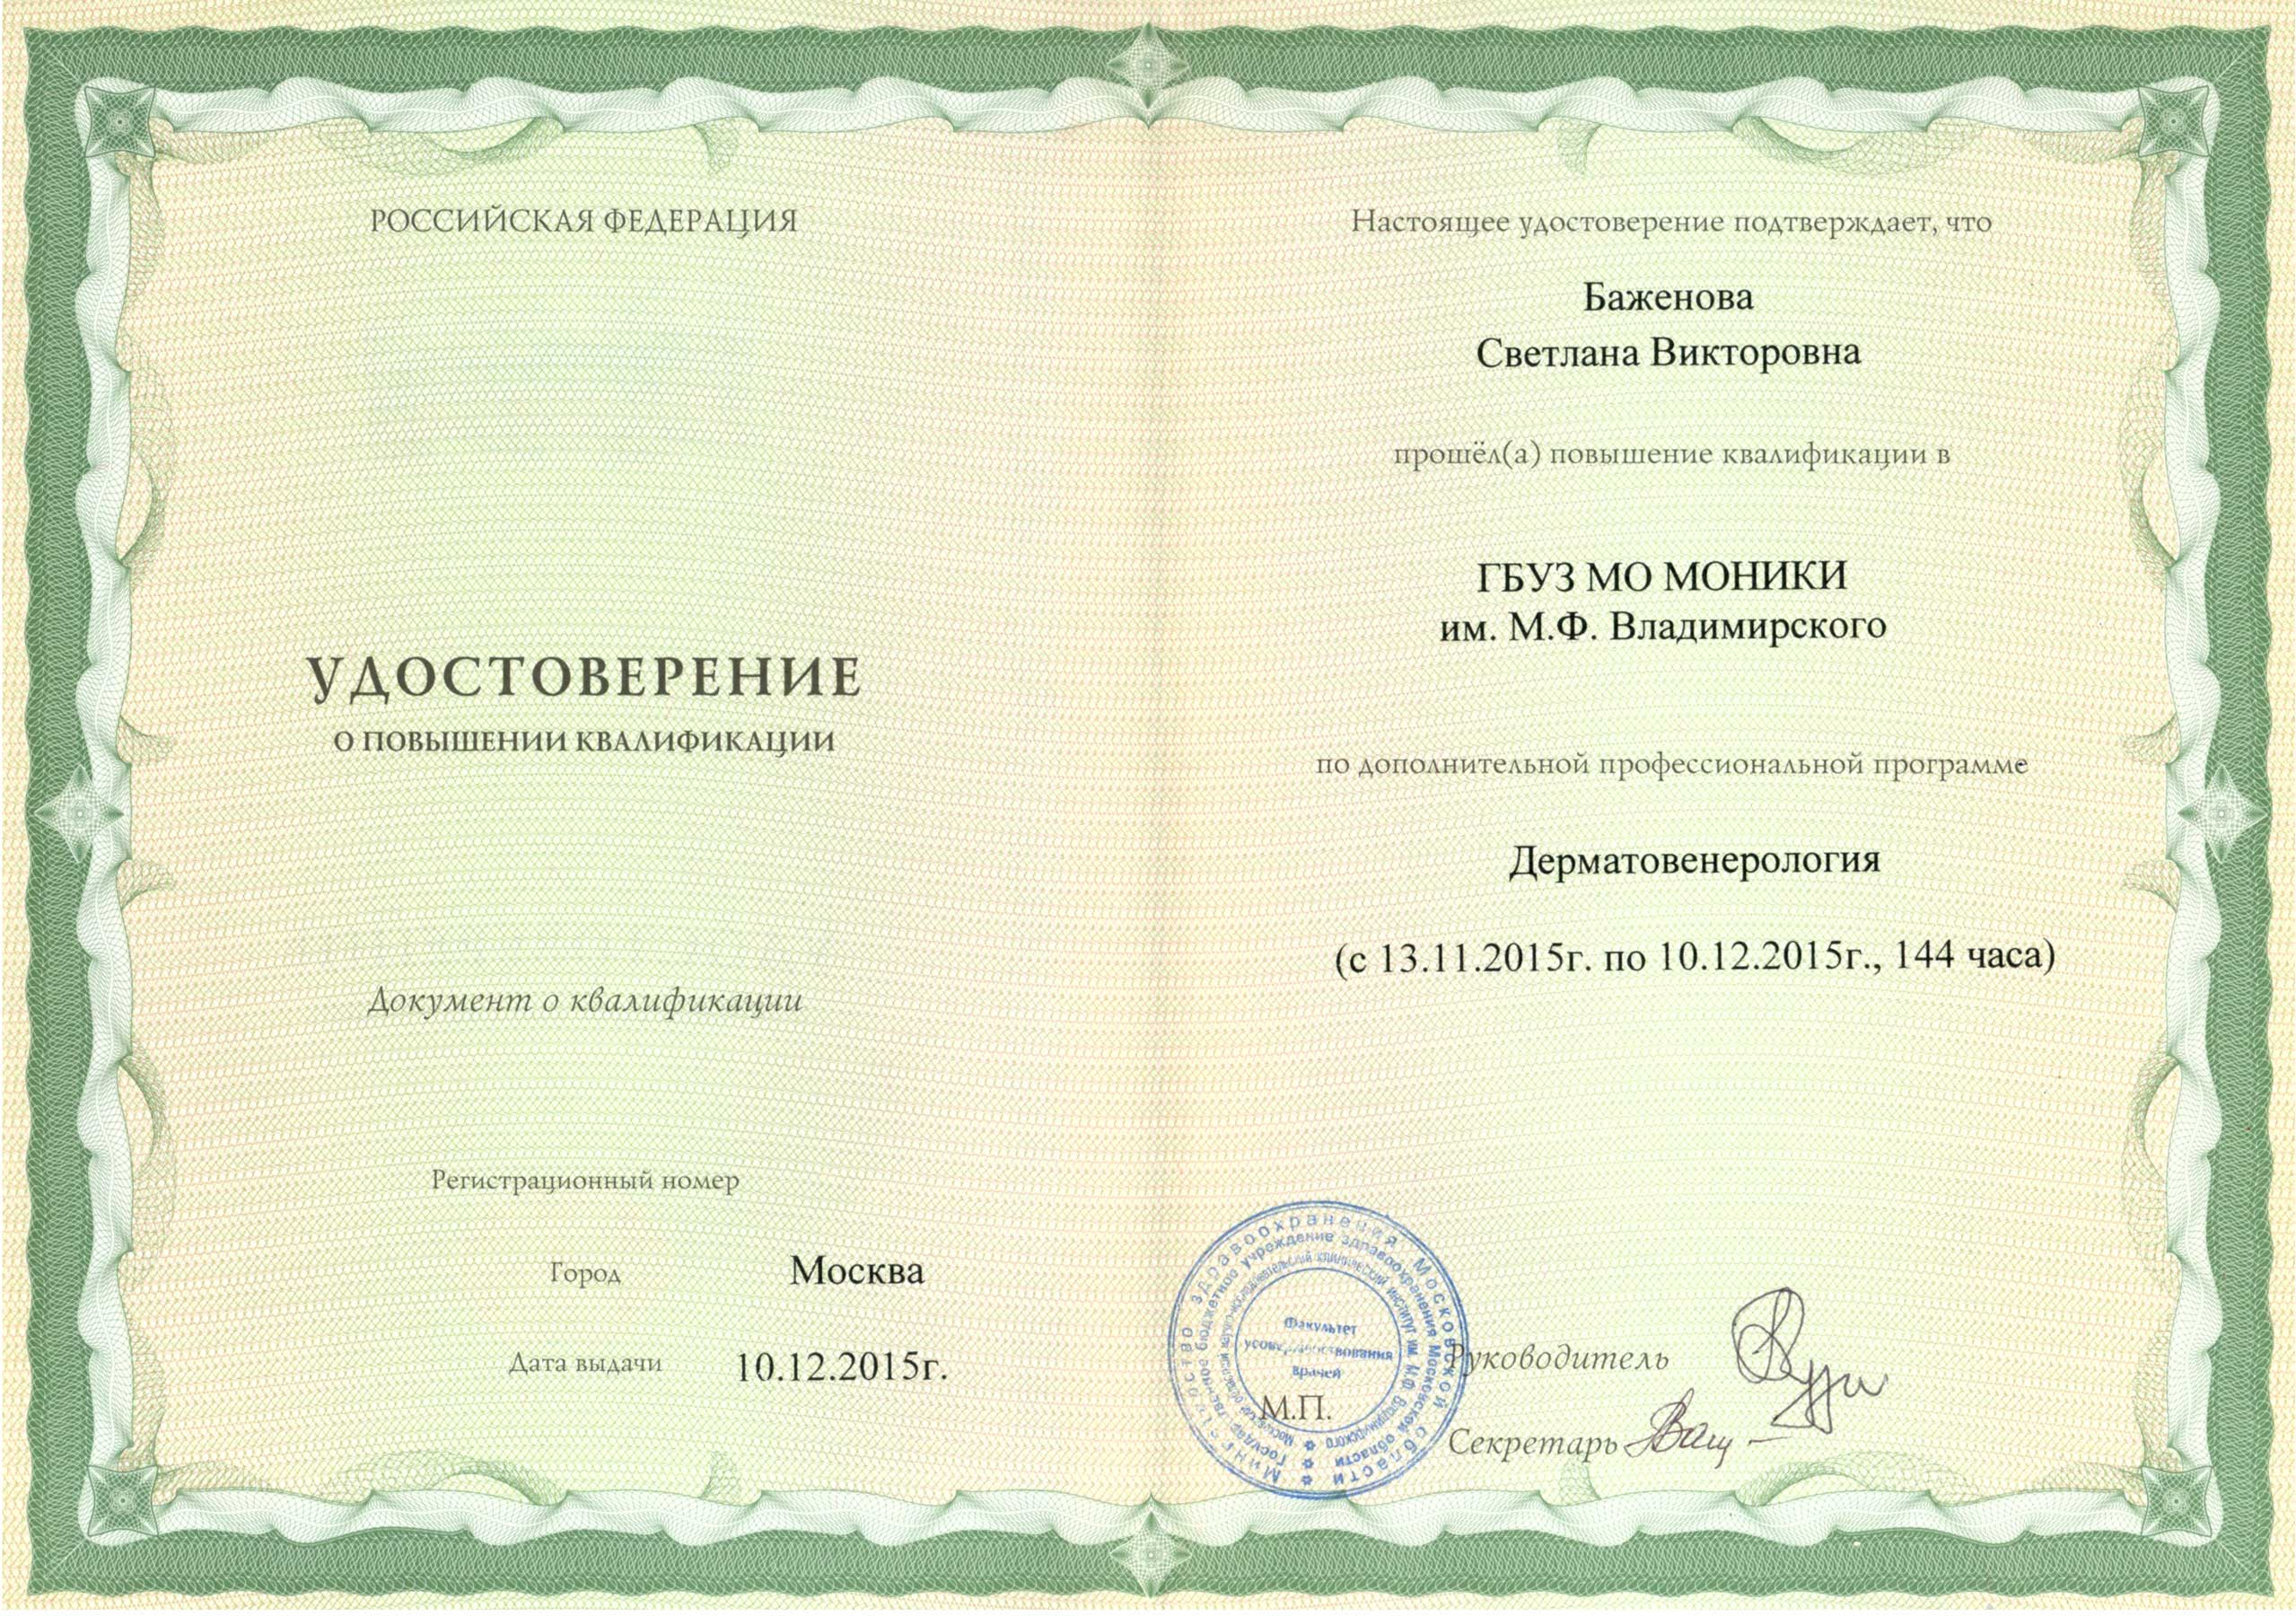 Баженова С.В. удостоверение-о-повышении квалификации врача-трихолога